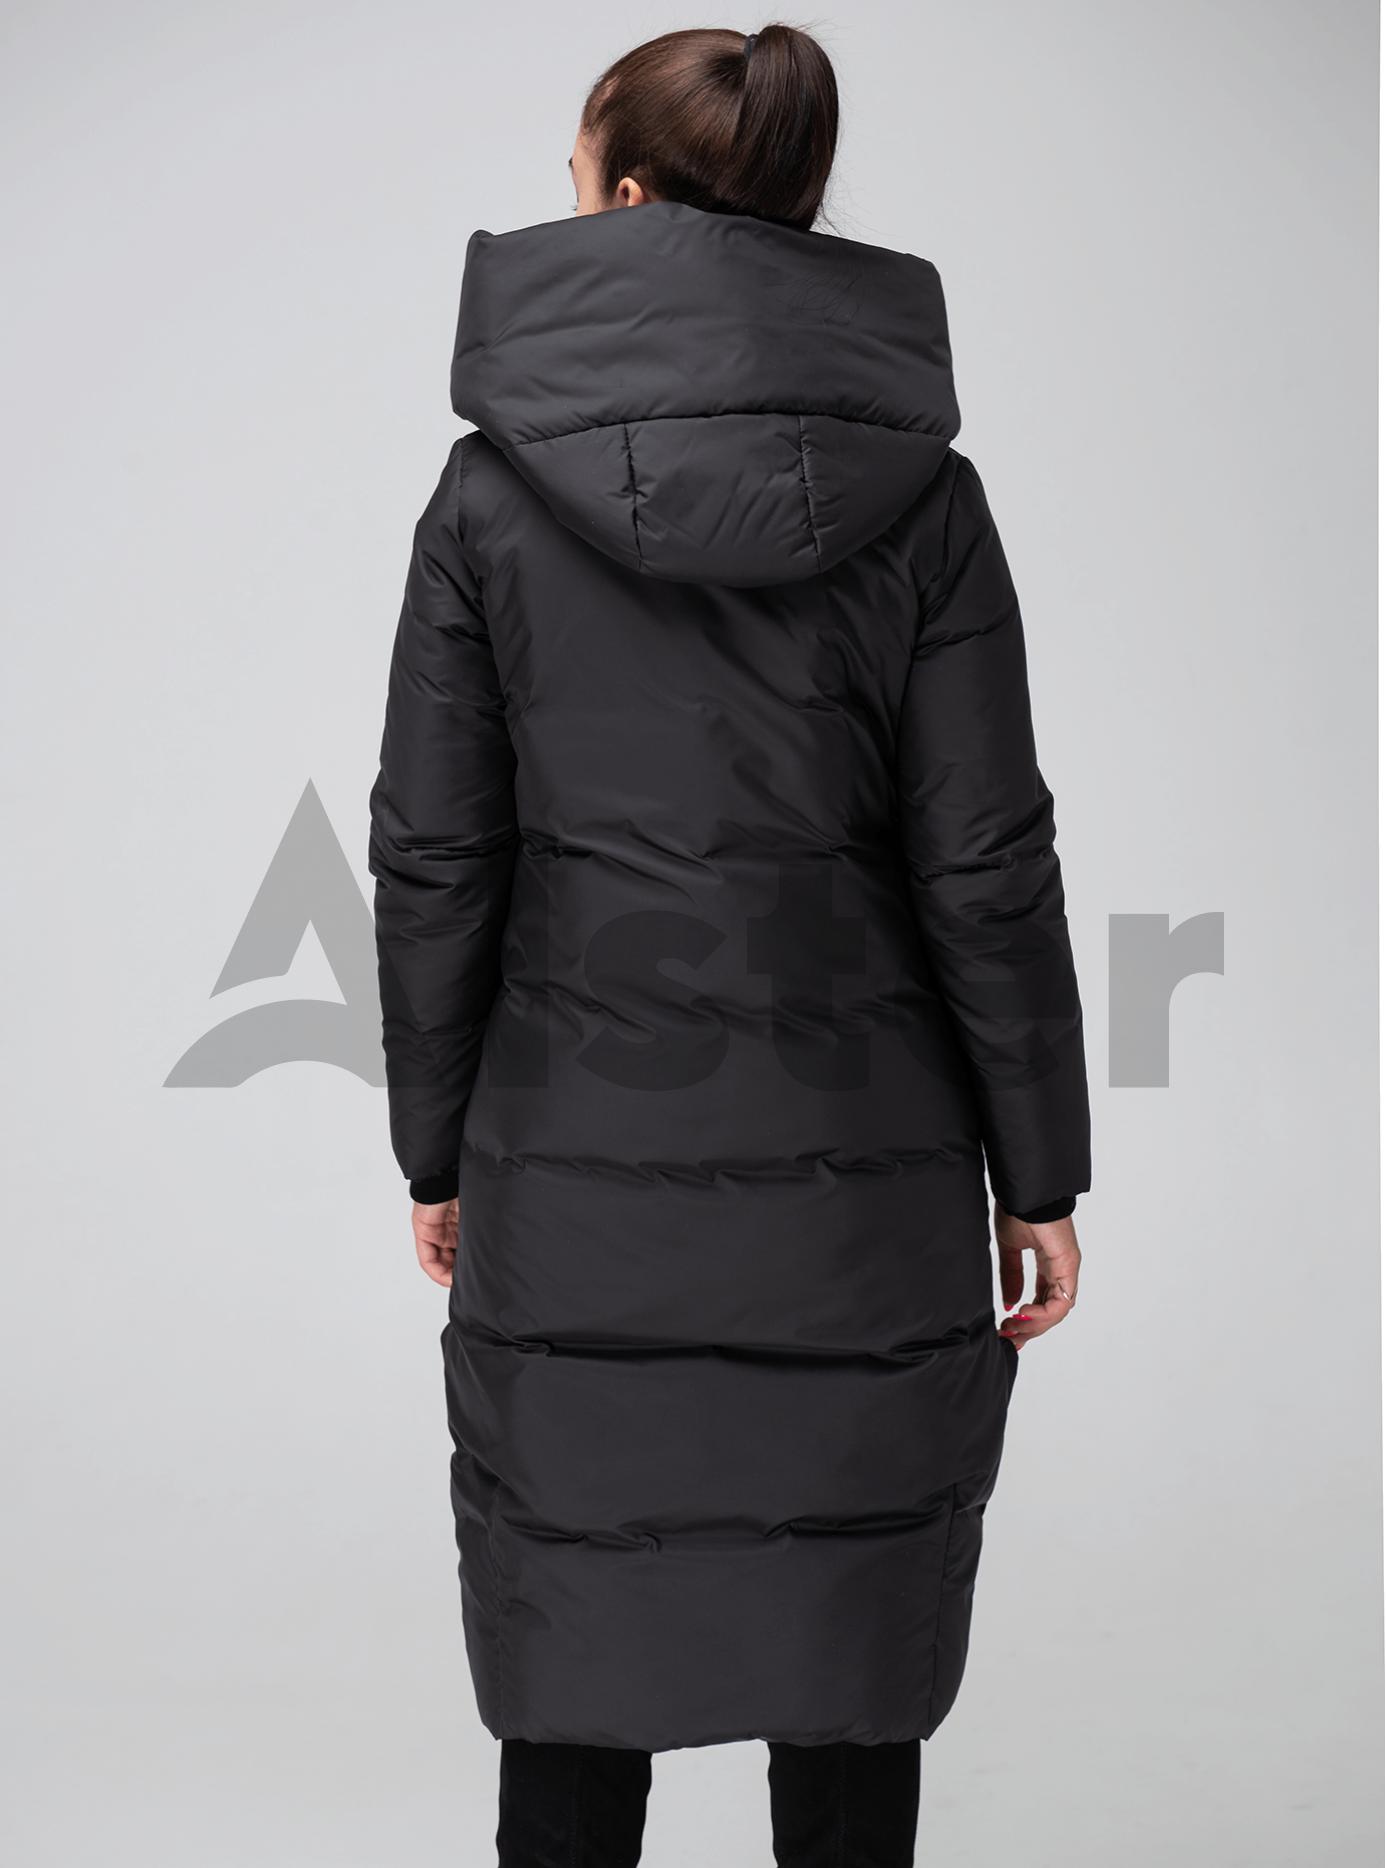 Жіноча куртка зимова капюшон з відворотом Чорний 46 (02-KT190209): фото - Alster.ua